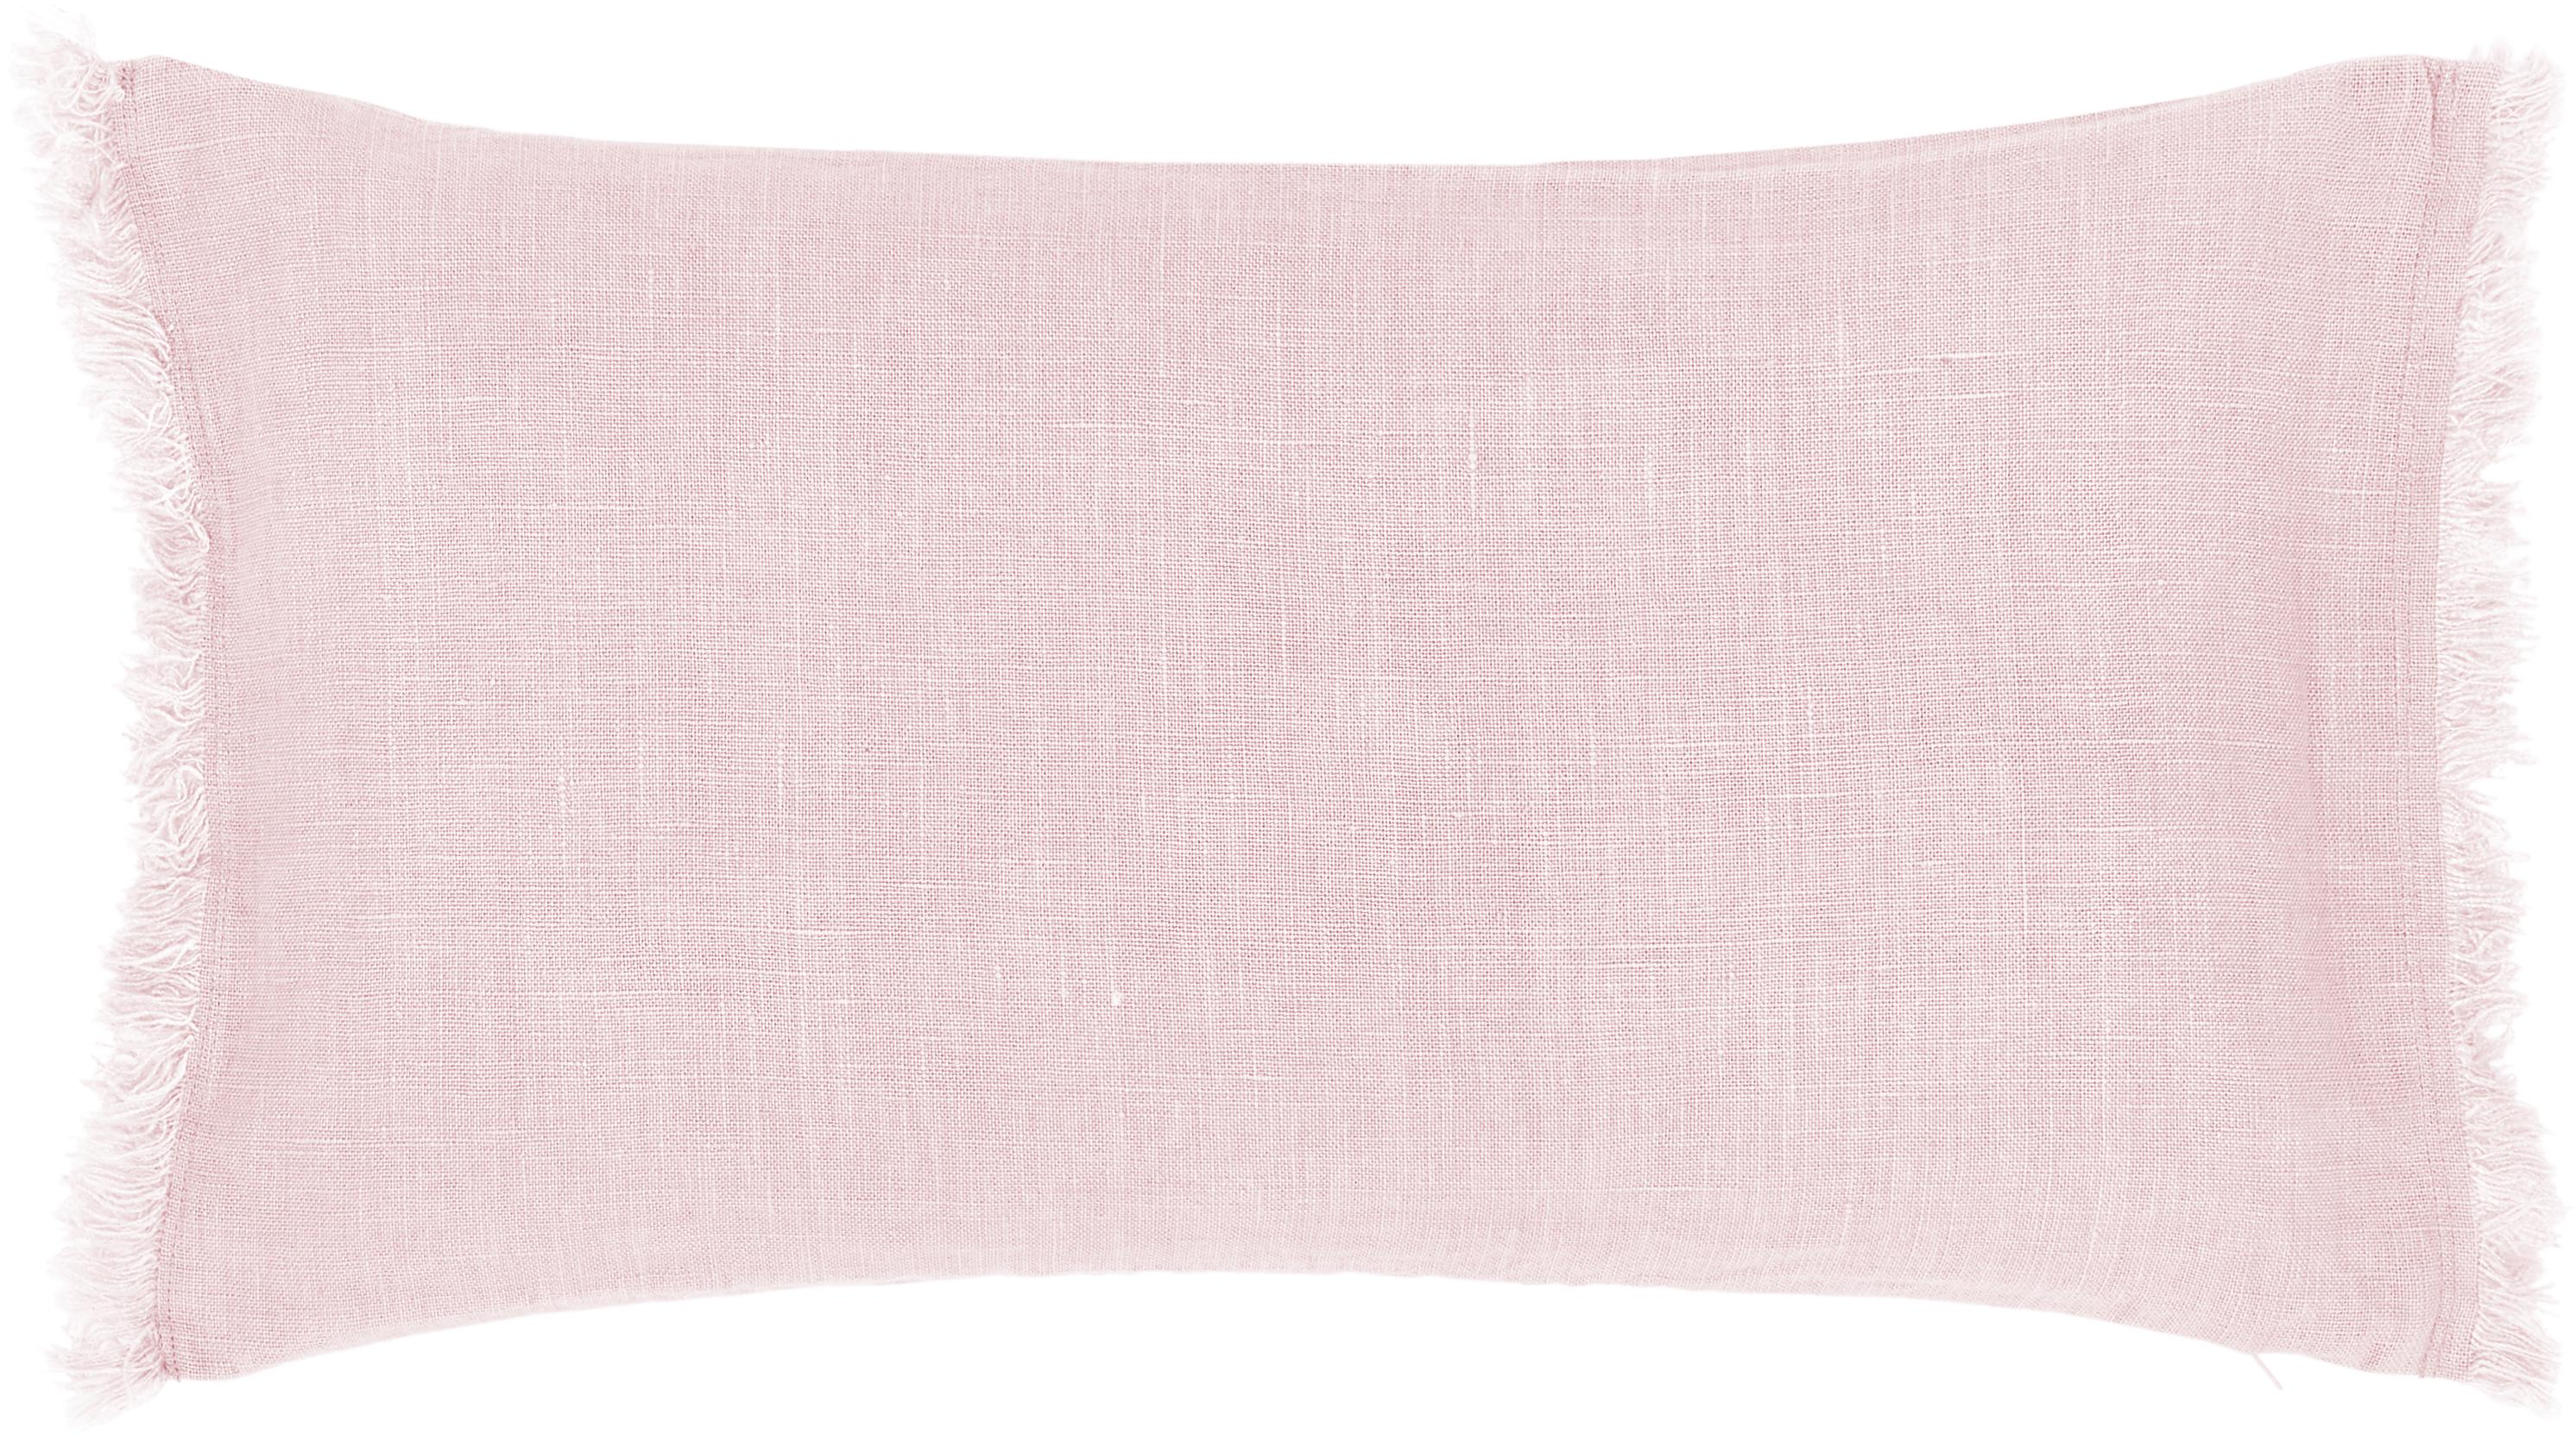 Leinen-Kissenhülle Luana in Rosa mit Fransen, 100% Leinen, Altrosa, 30 x 50 cm